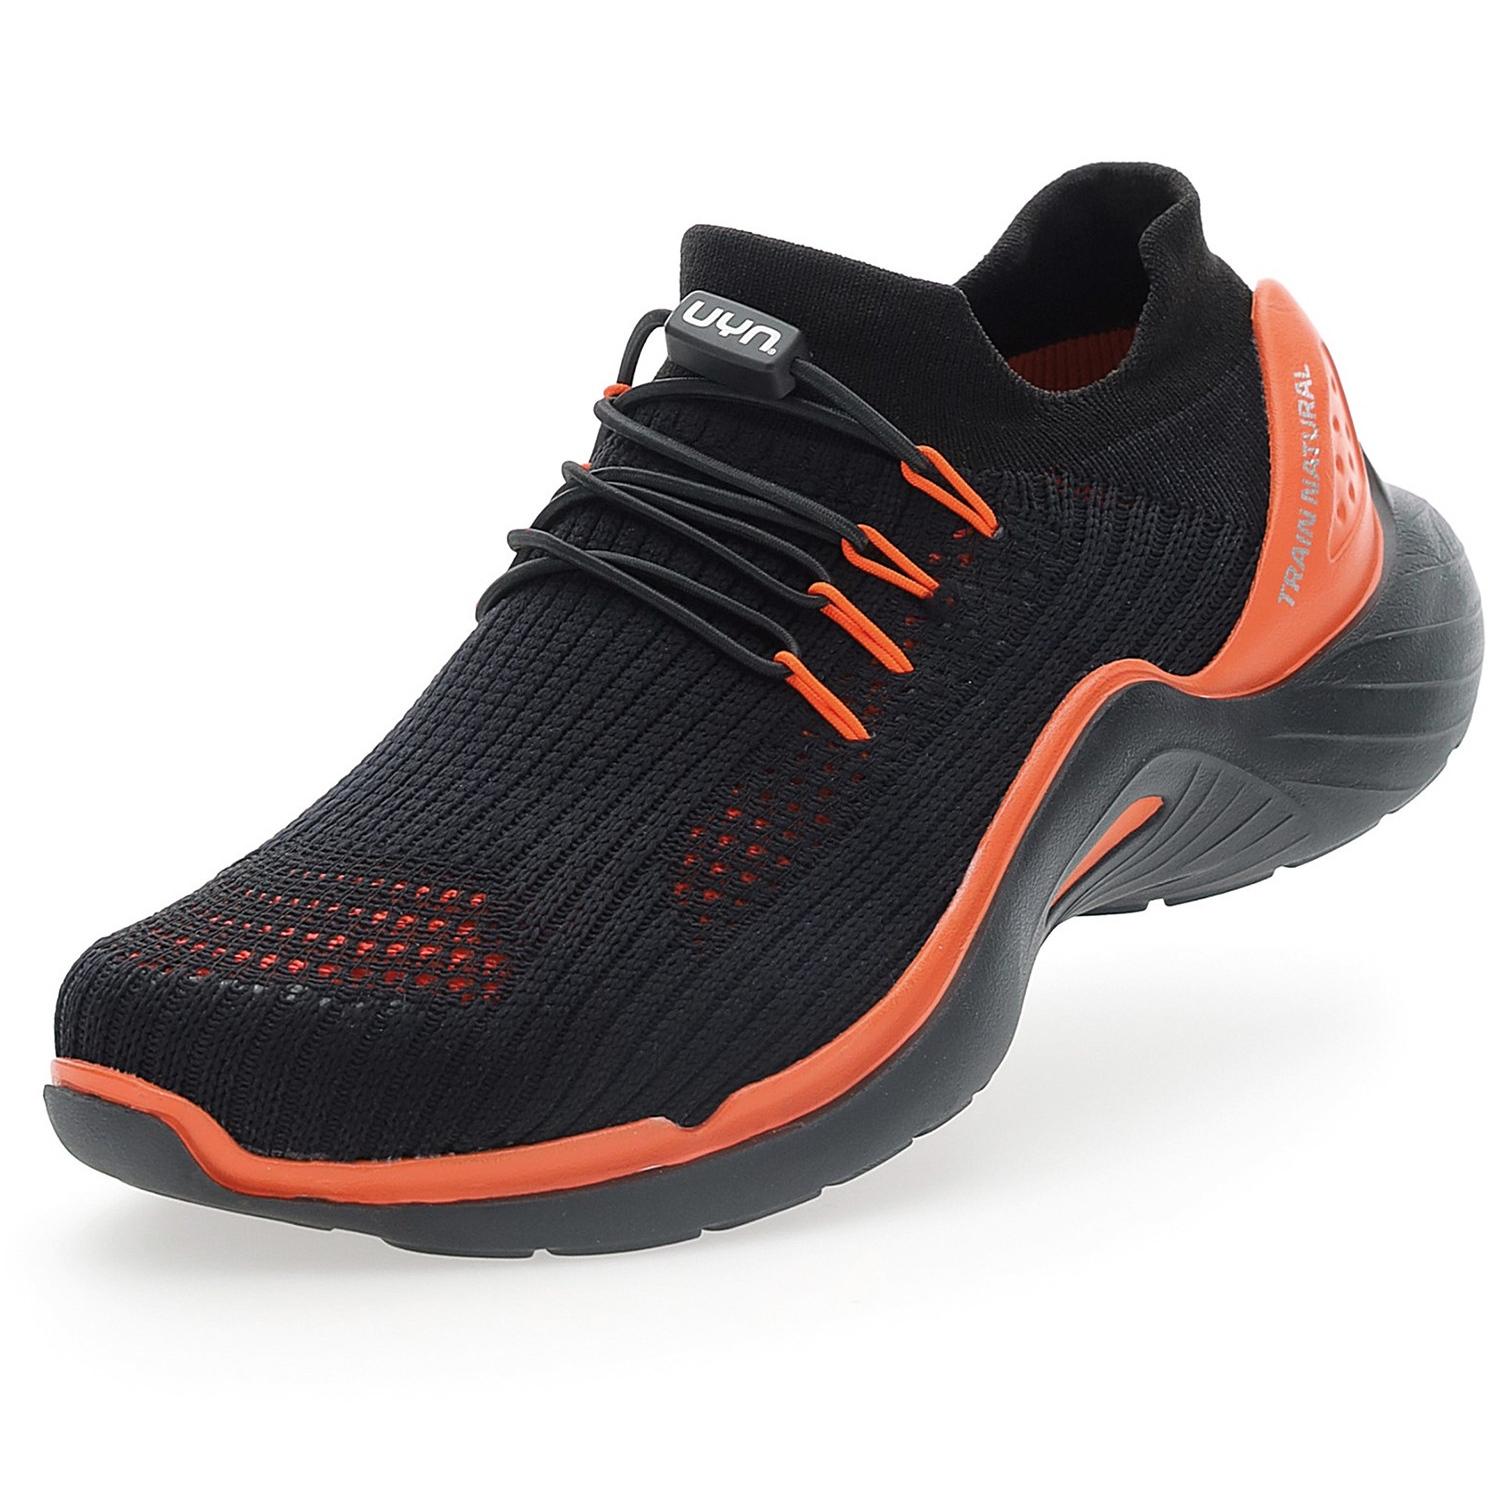 UYN City Running Black Sole Schuhe - Schwarz/Orange